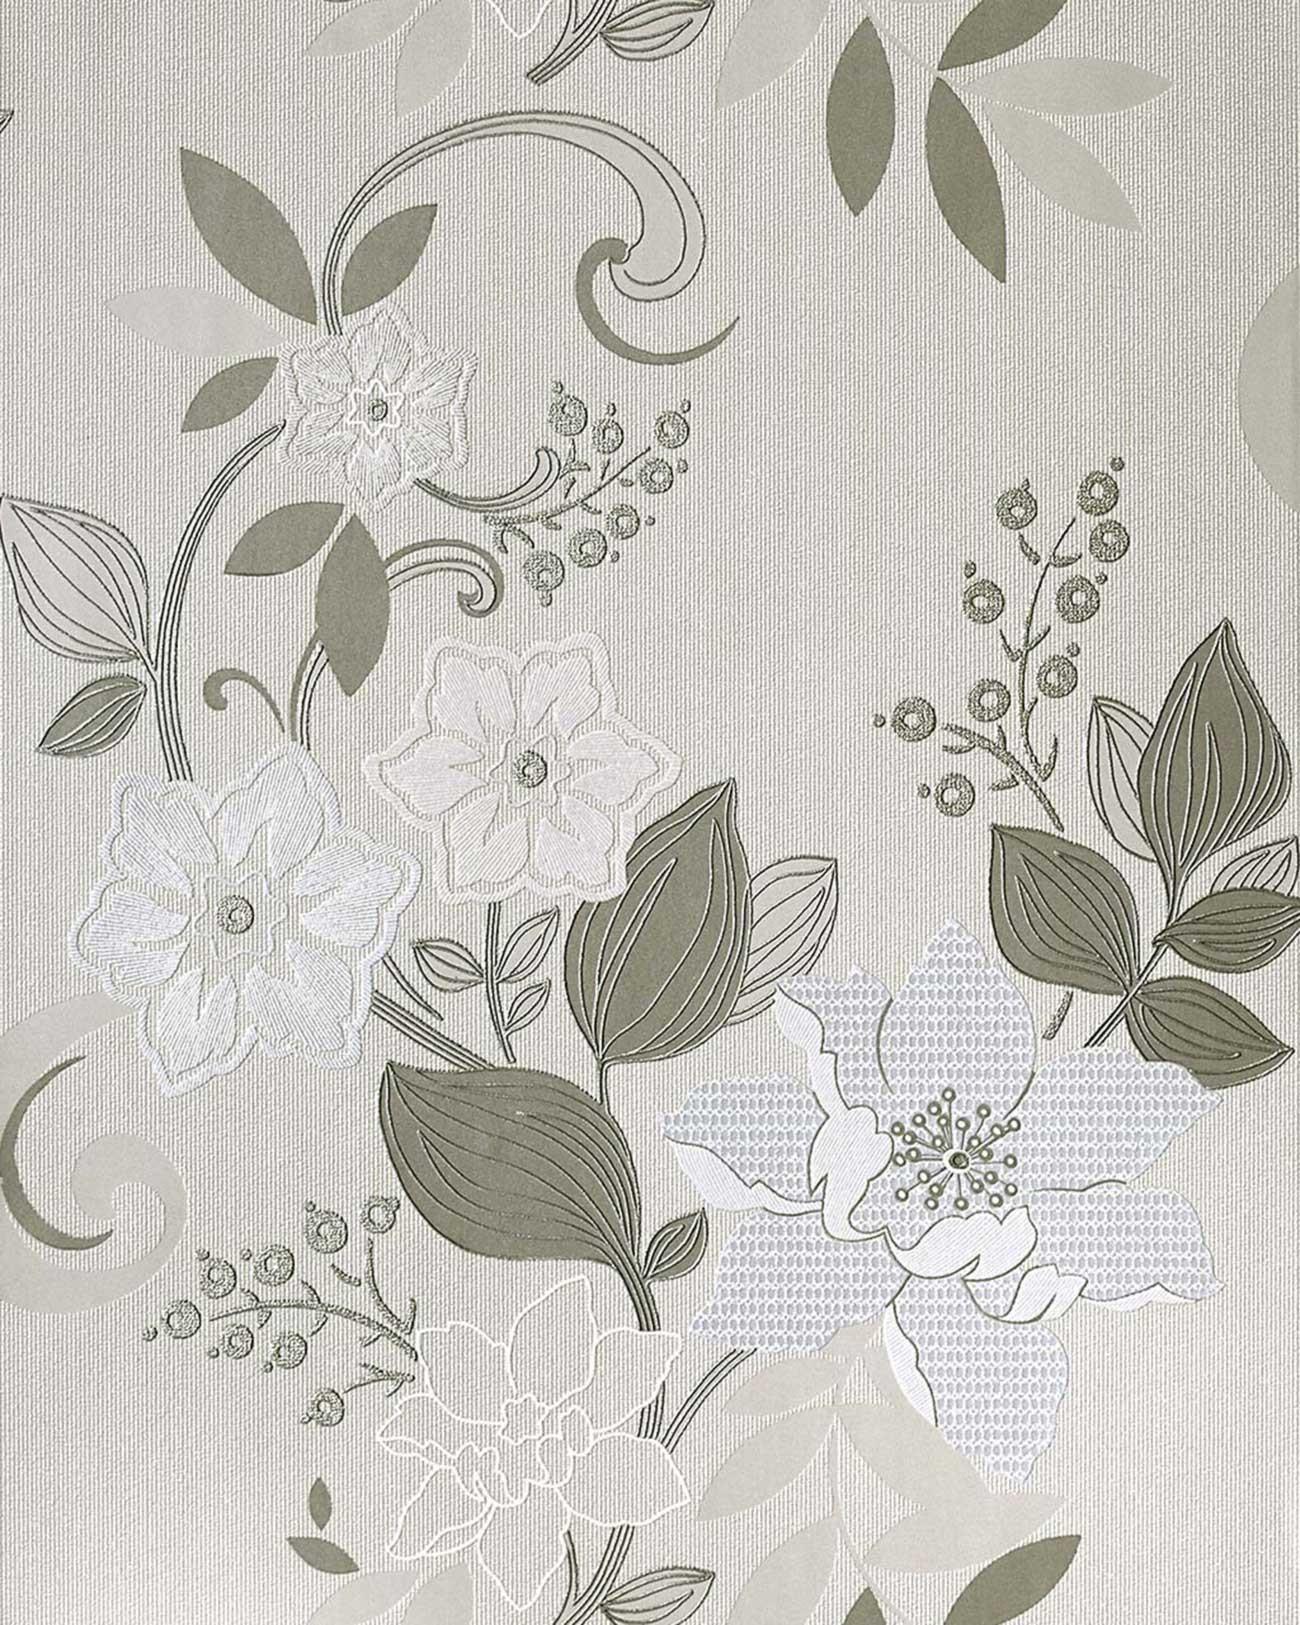 Carta da parati floreale EDEM 029-20 Carta da parati a fiori in ...